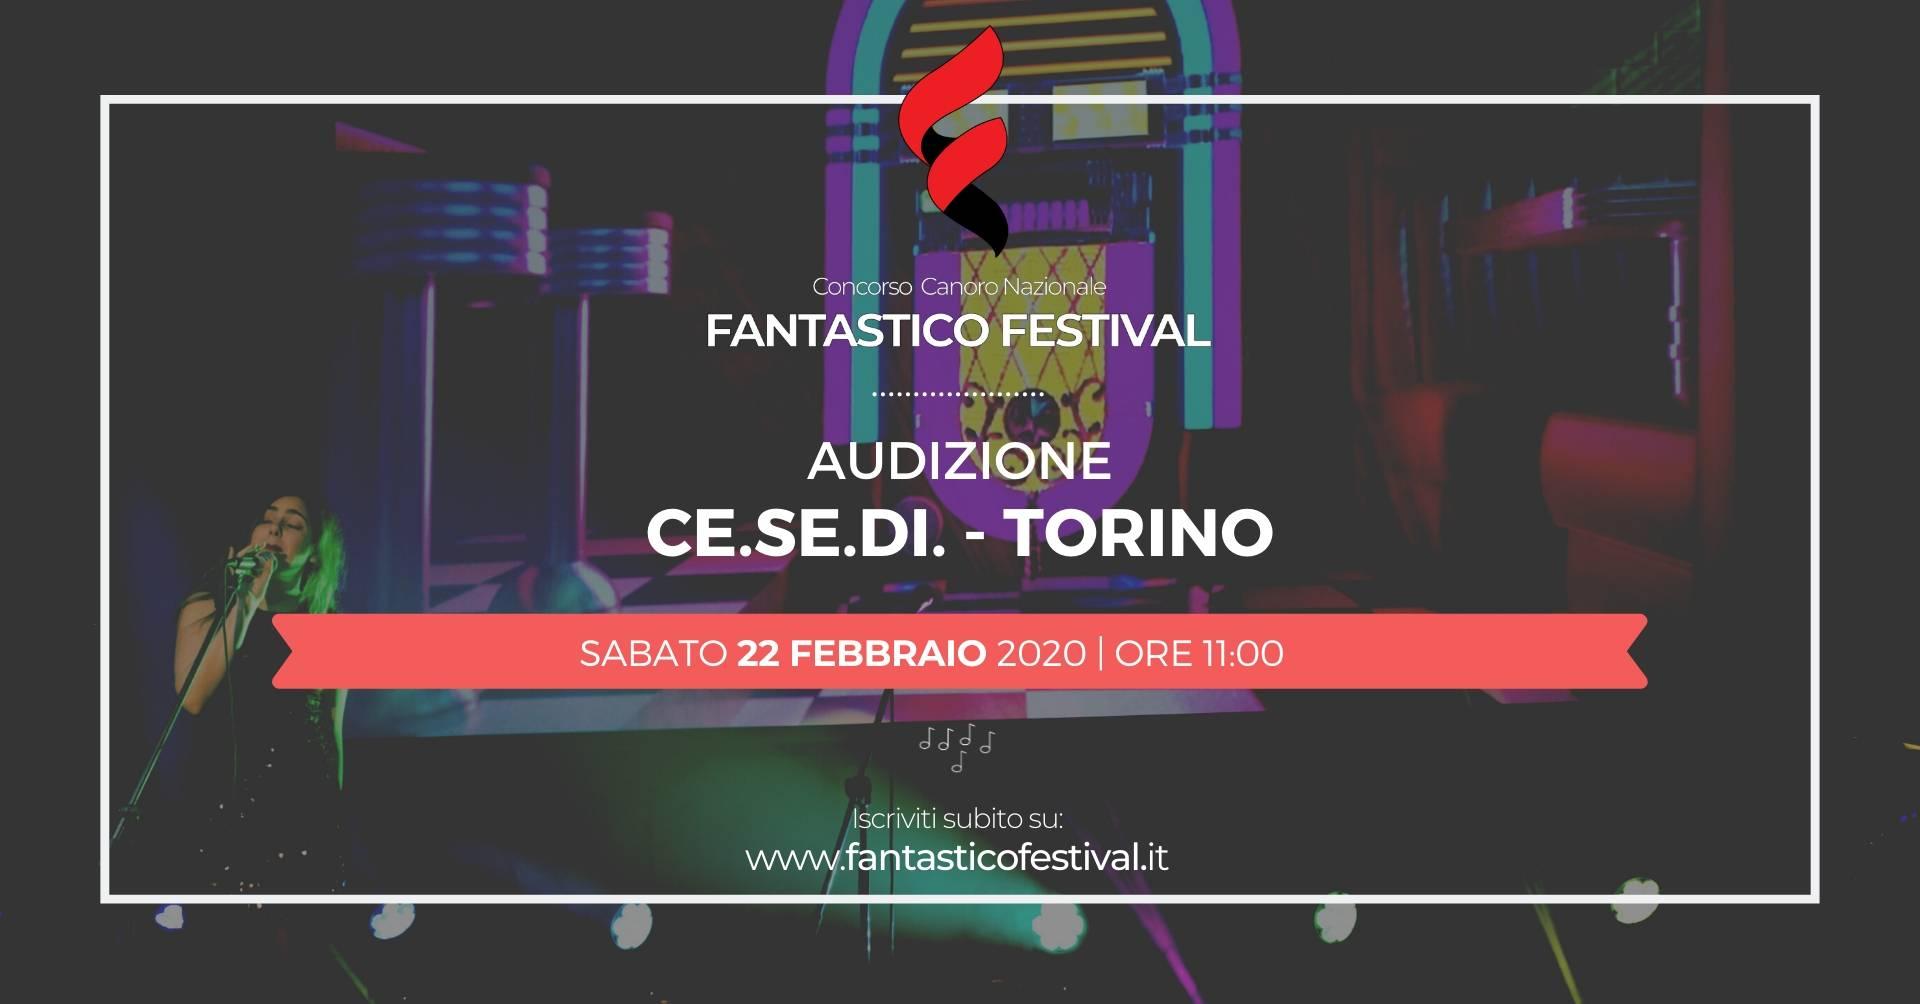 Audizione Fantastico Festival 2020 Torino concorso canoro